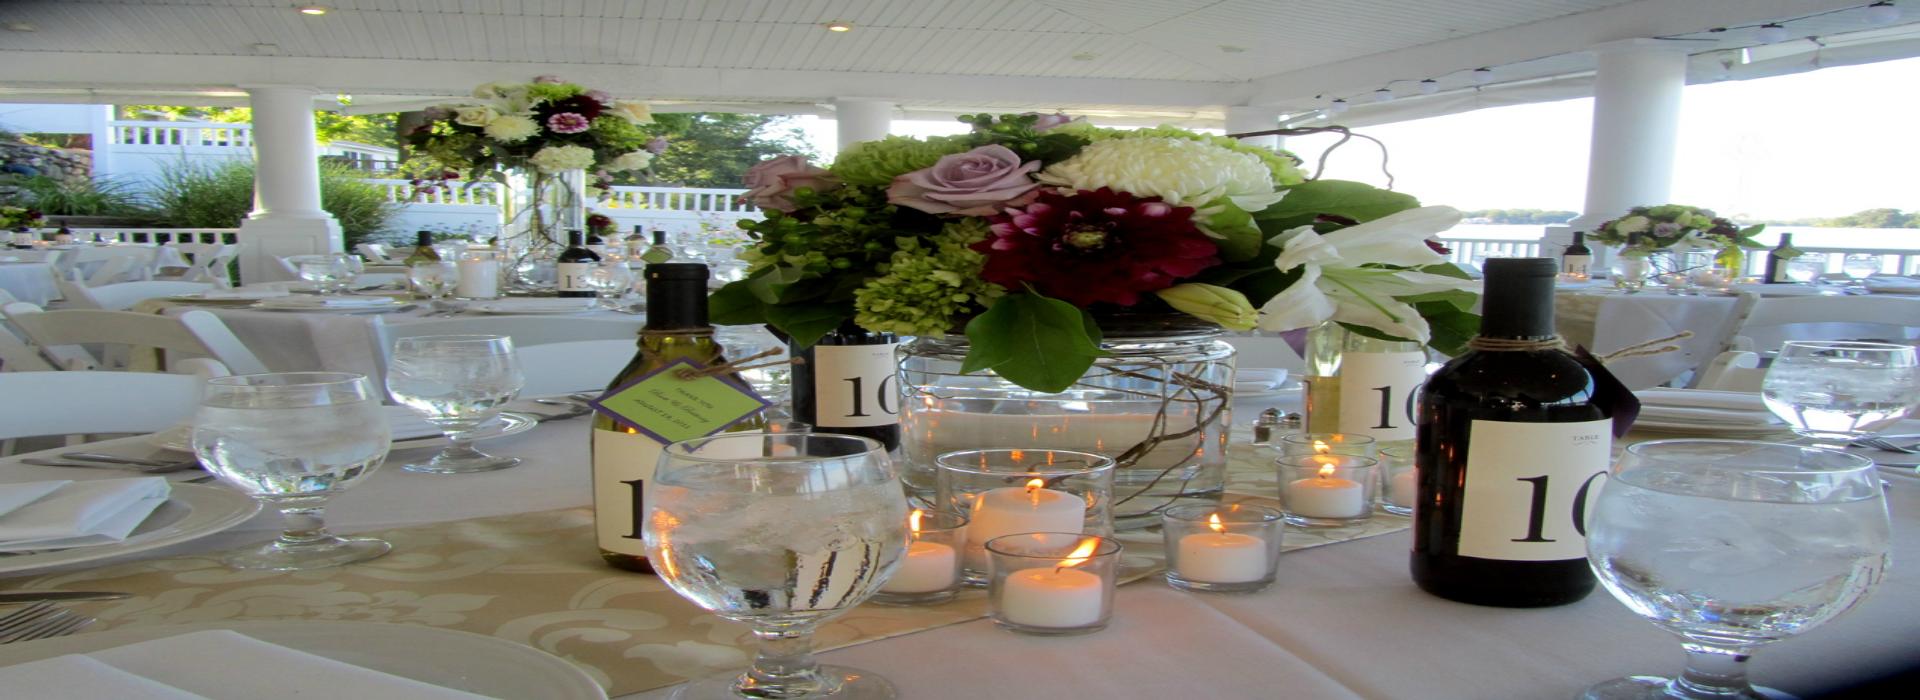 Banquet Rentals